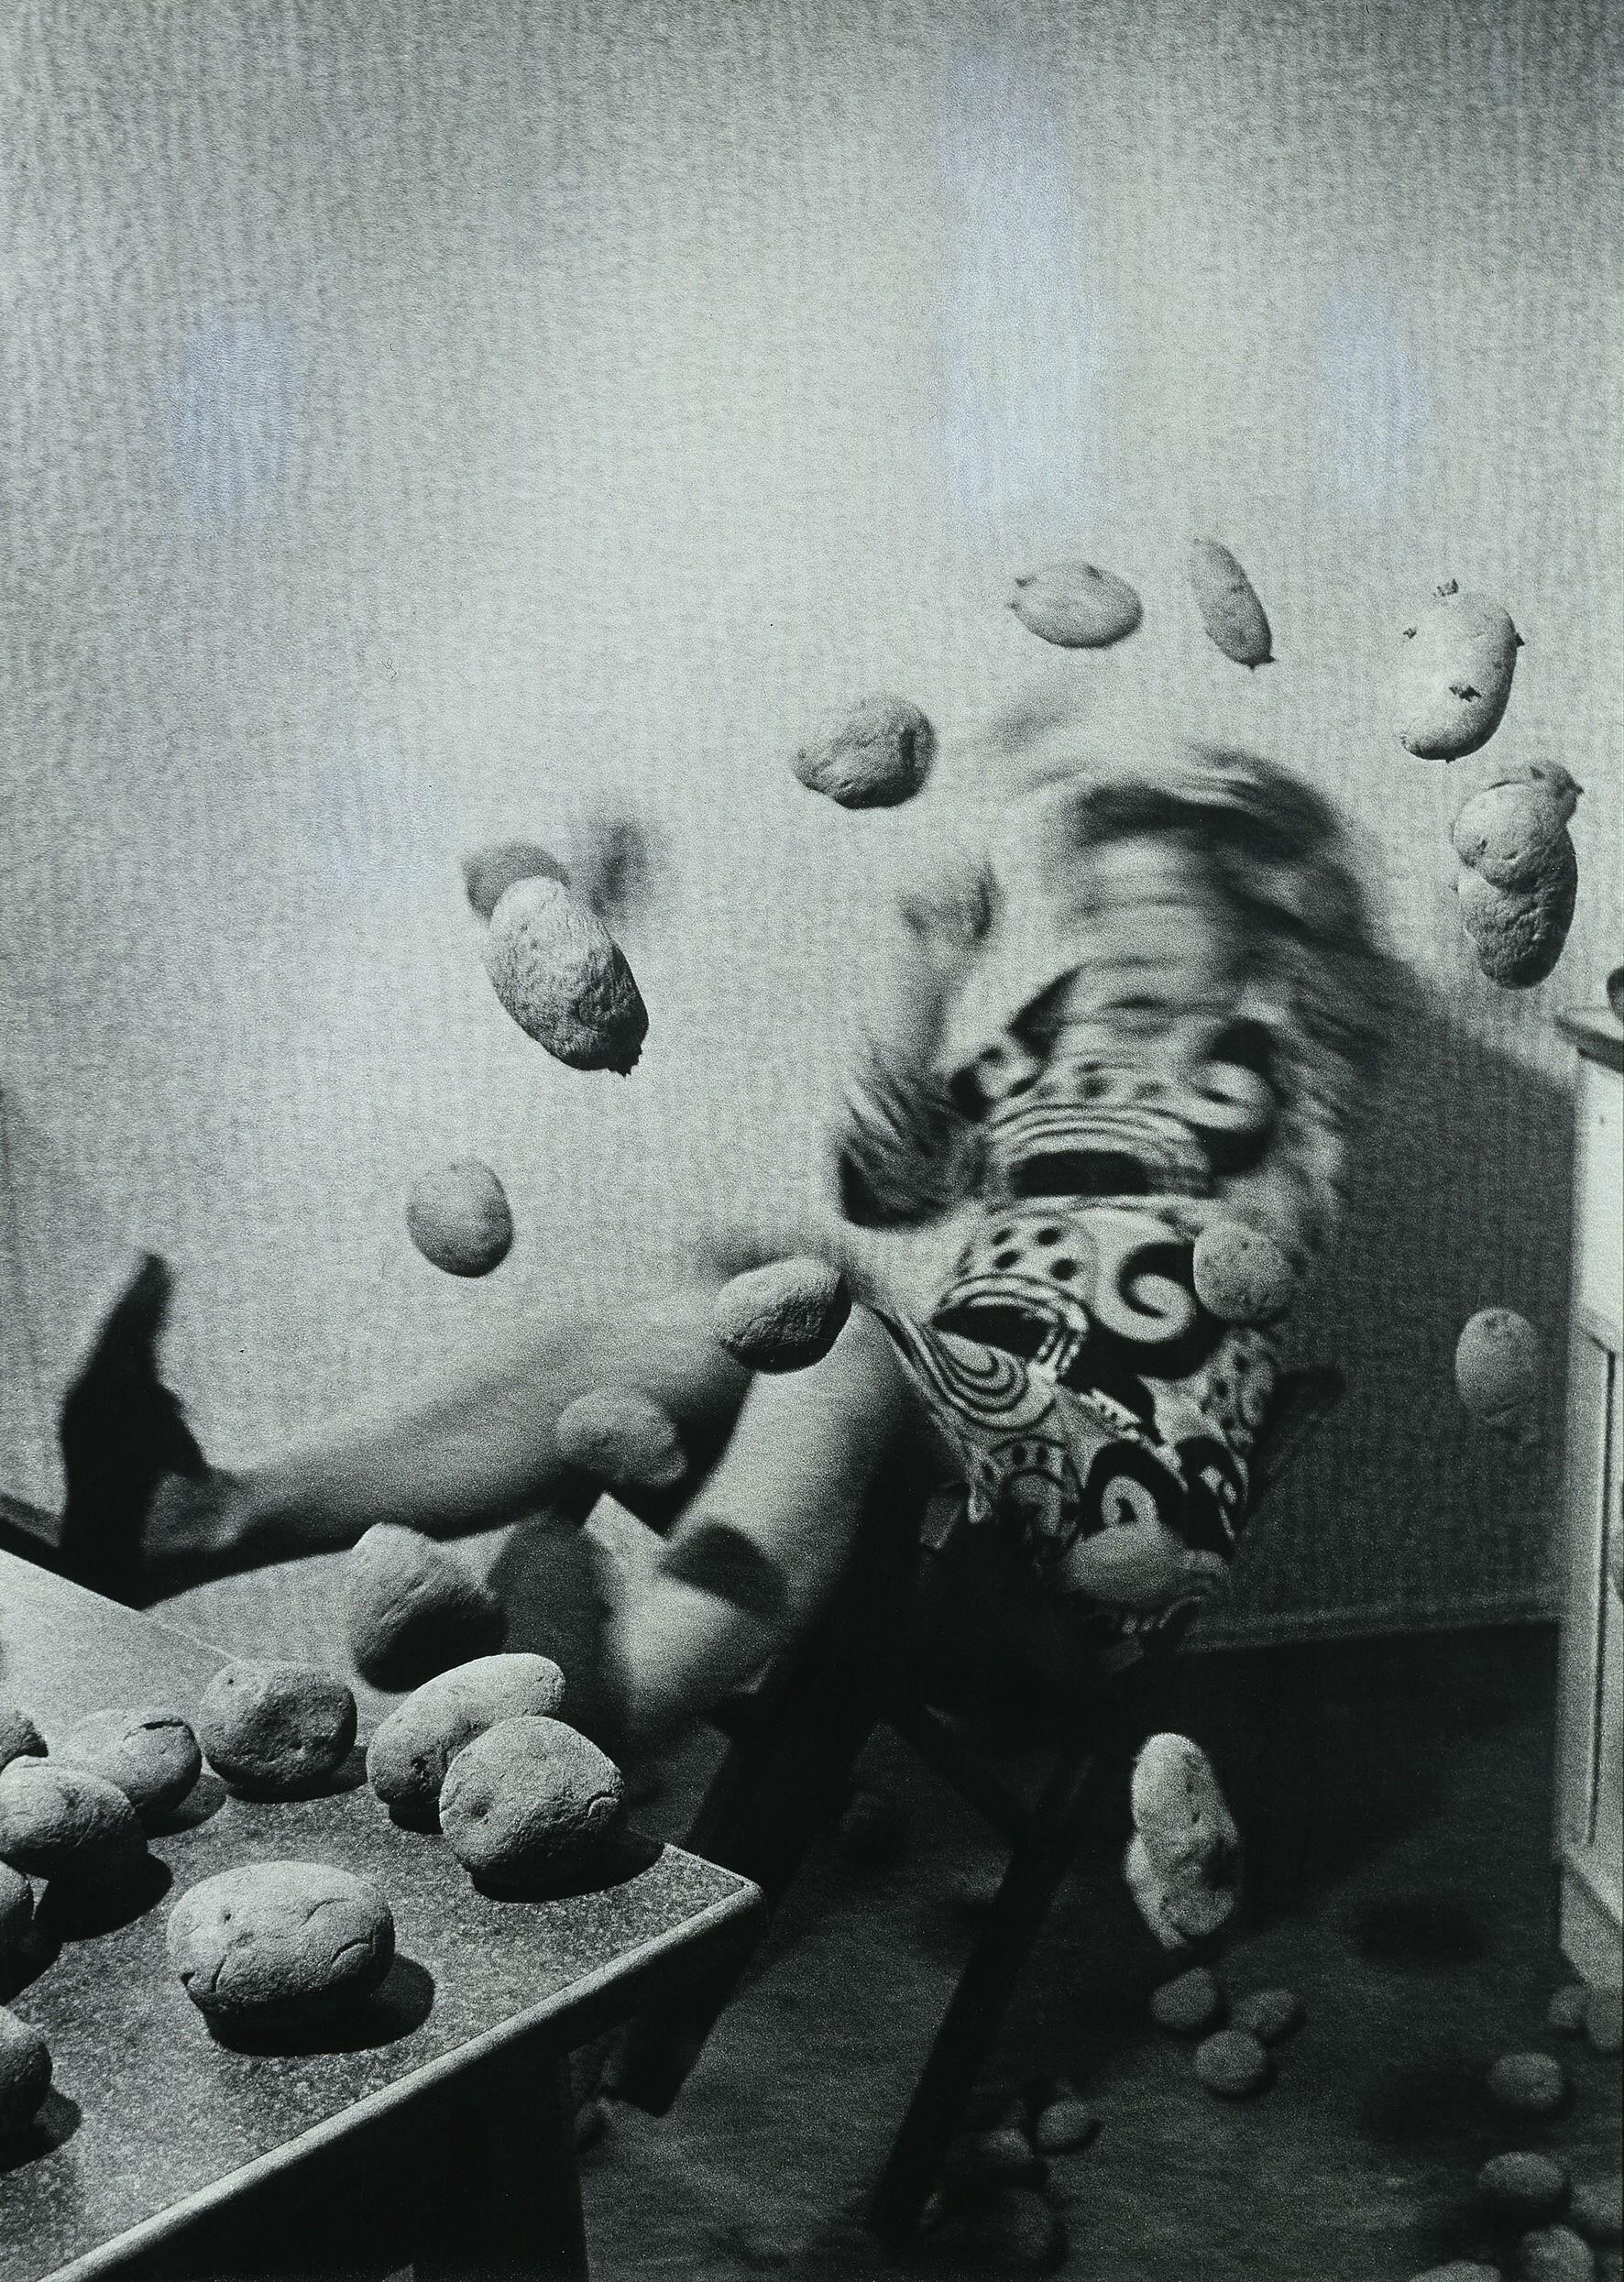 Anna und Bernhard Blume: Küchenkoller, 1986, Fotografie, 5-teilig, je 126 x 91 cm. Hamburger Kunsthalle. © VG Bild-Kunst, Bonn 2015. Foto: Elke Walford